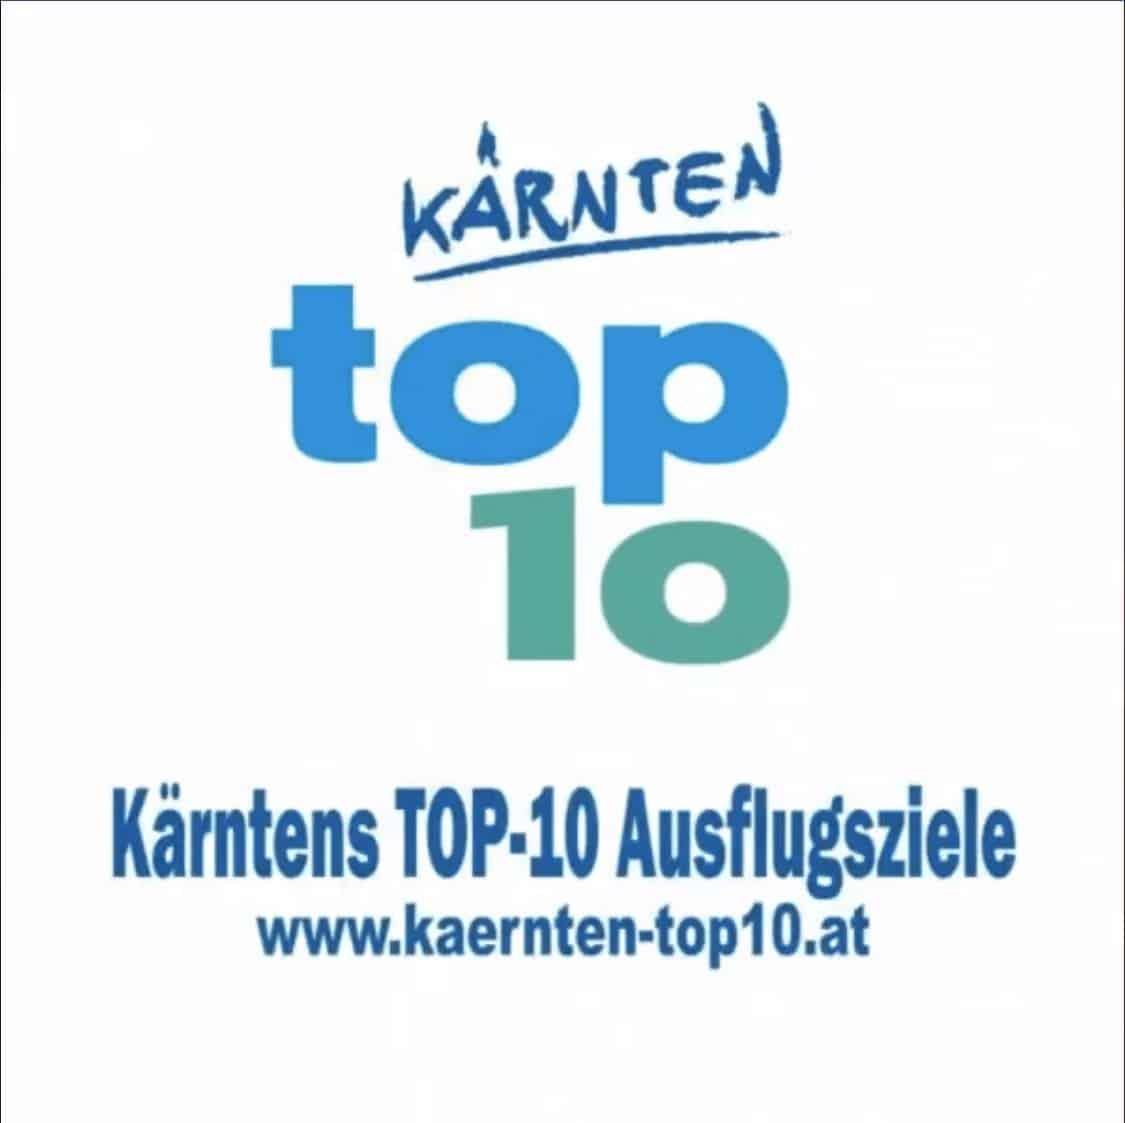 Kärntens TOP Ausflugsziele Logo & Info Web